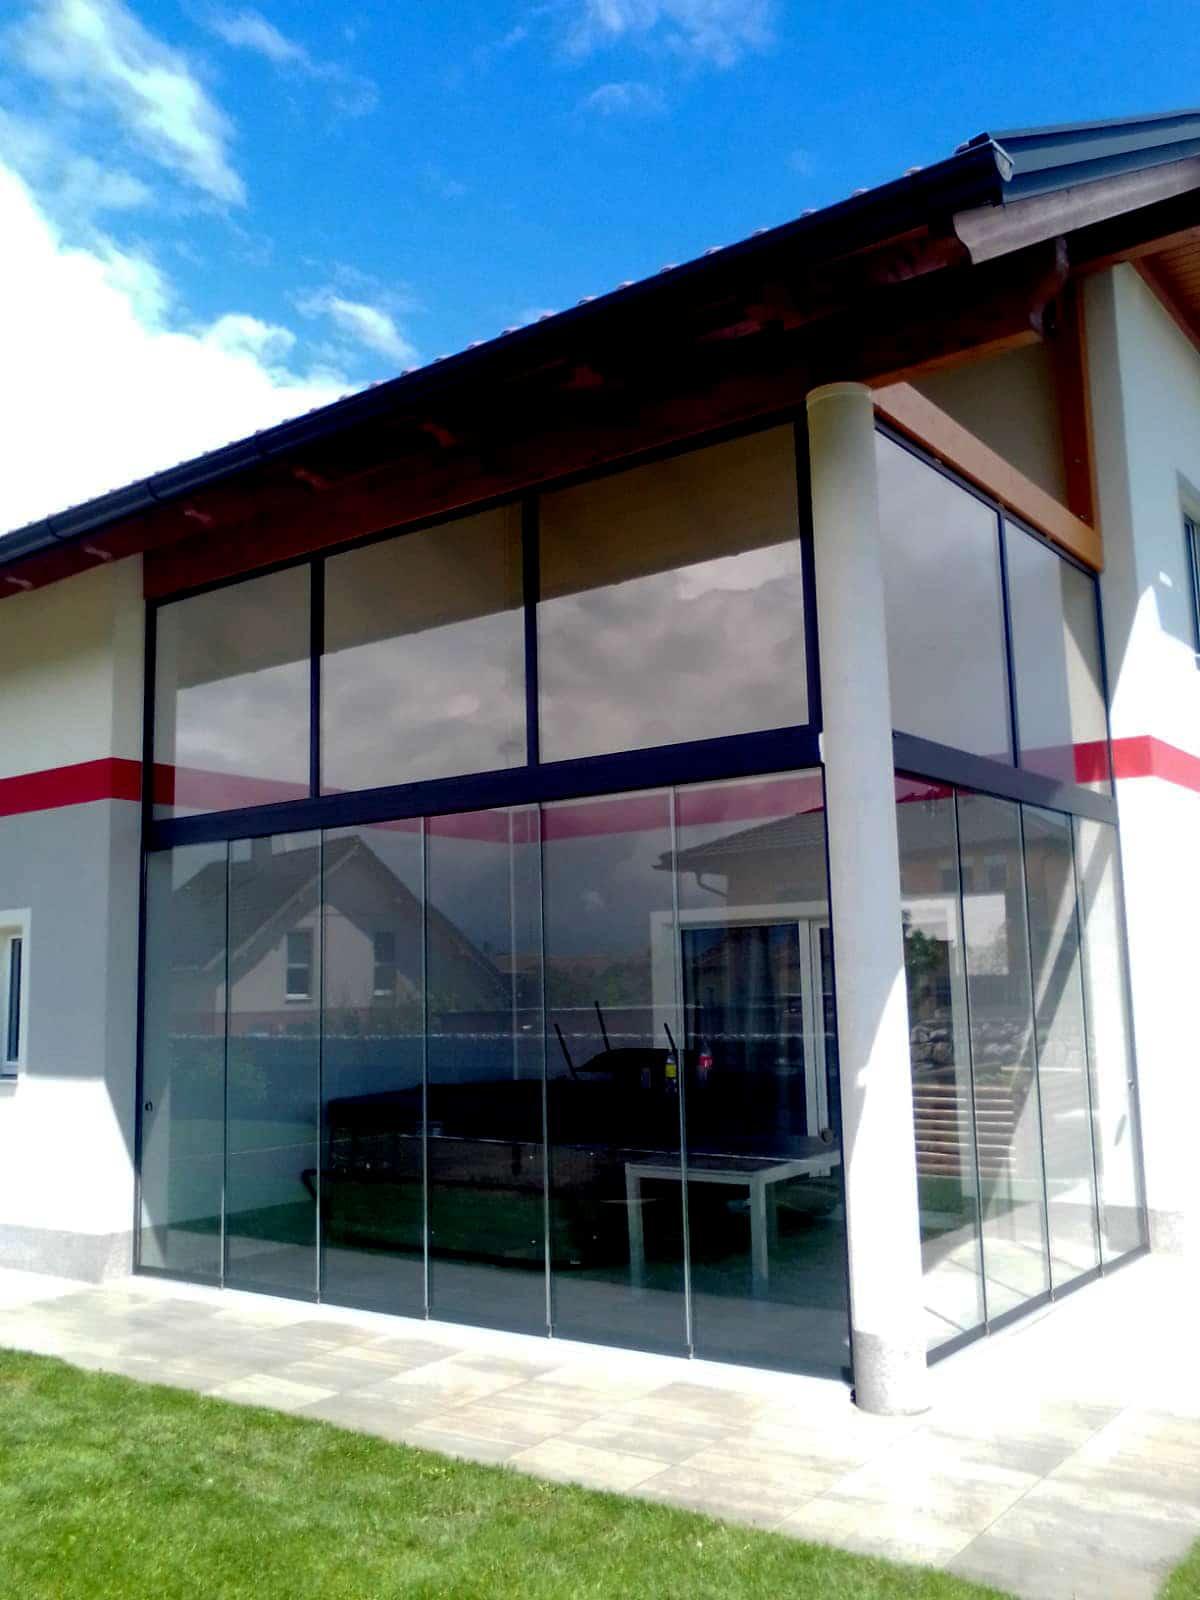 Glasschiebewand mit Oberlichte als Windschutz